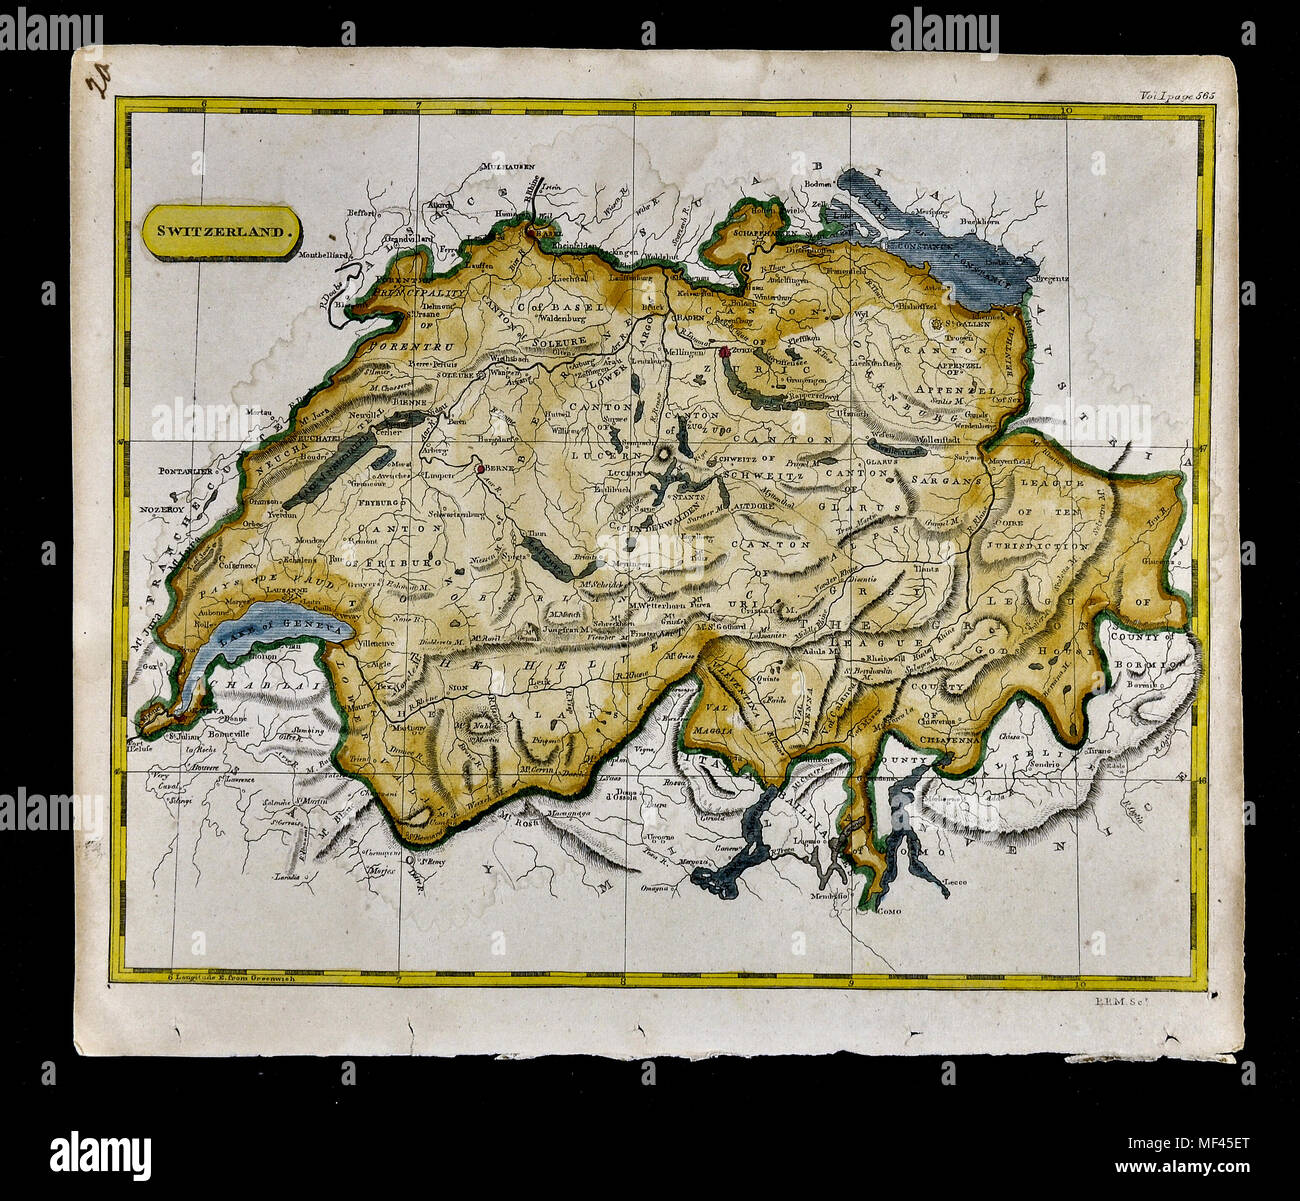 Bodensee Karte Schweiz.1804 Arrowsmith Karte Schweiz Genf Bern Luzern Zurich